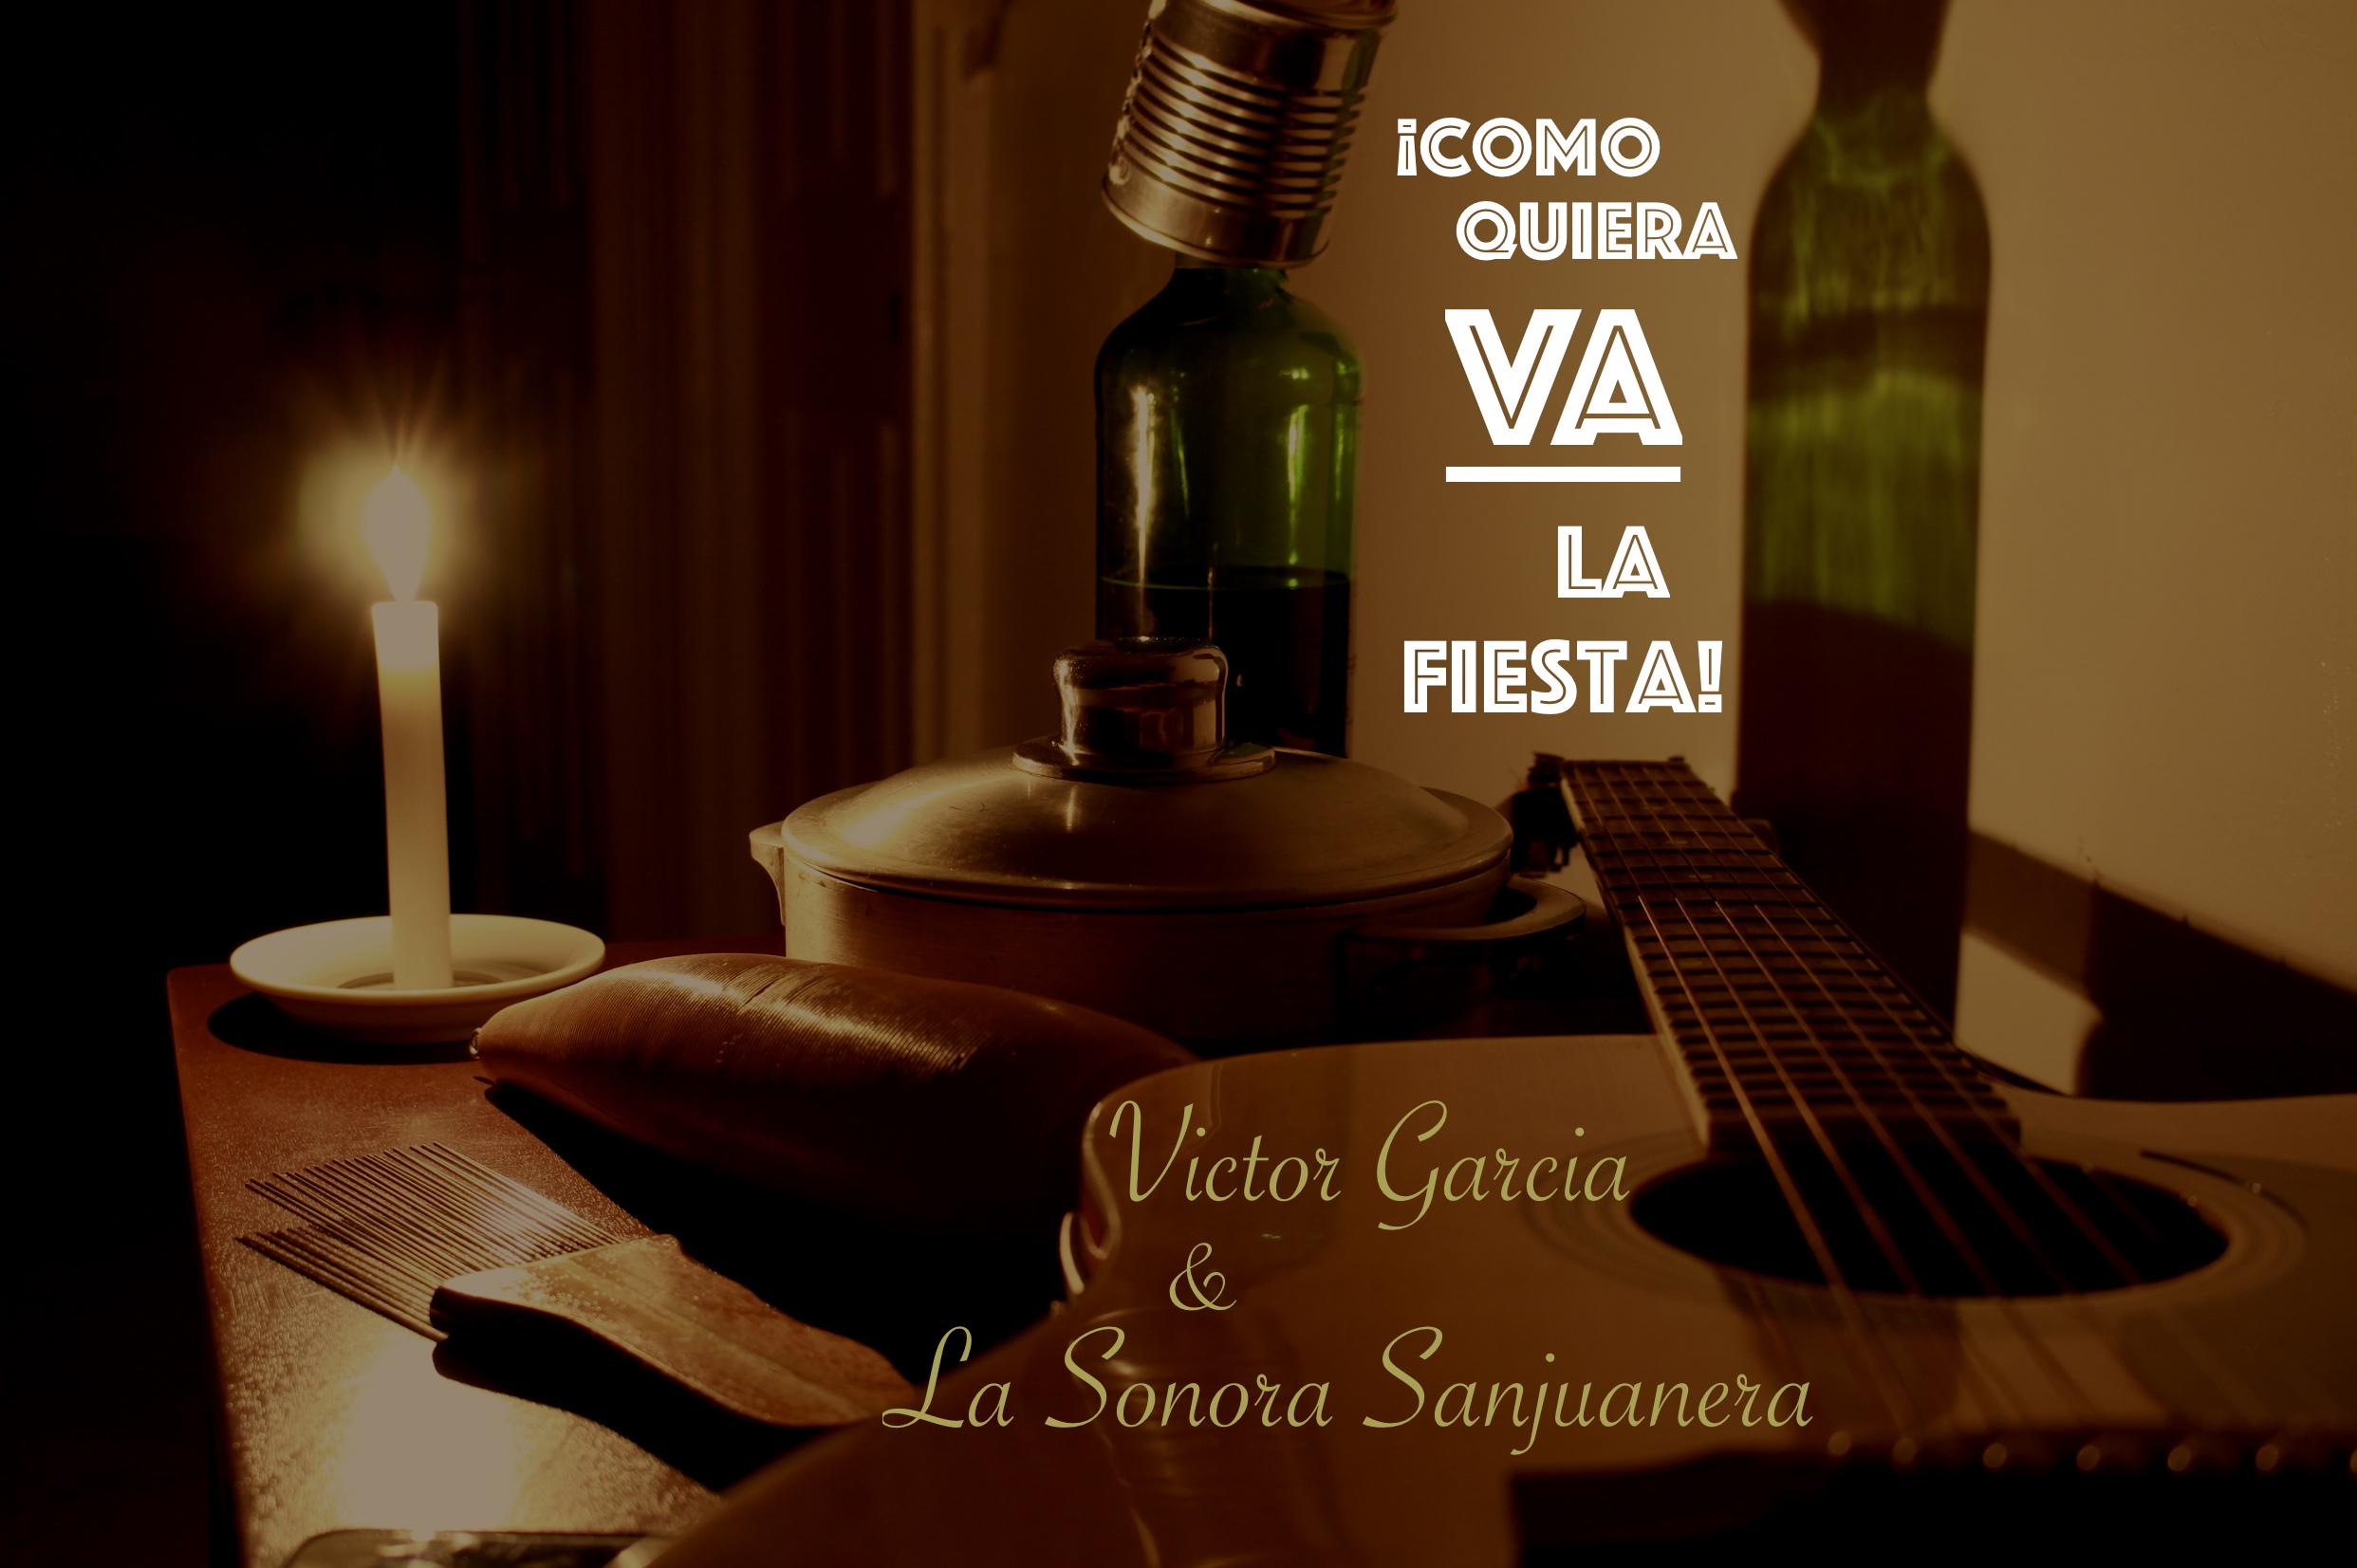 ¡Como Quiera Va La Fiesta!  (single) VICTOR GARCIA & LA SONORA SANJUANERA  (independent, 2018) Recorded: timbales & congas